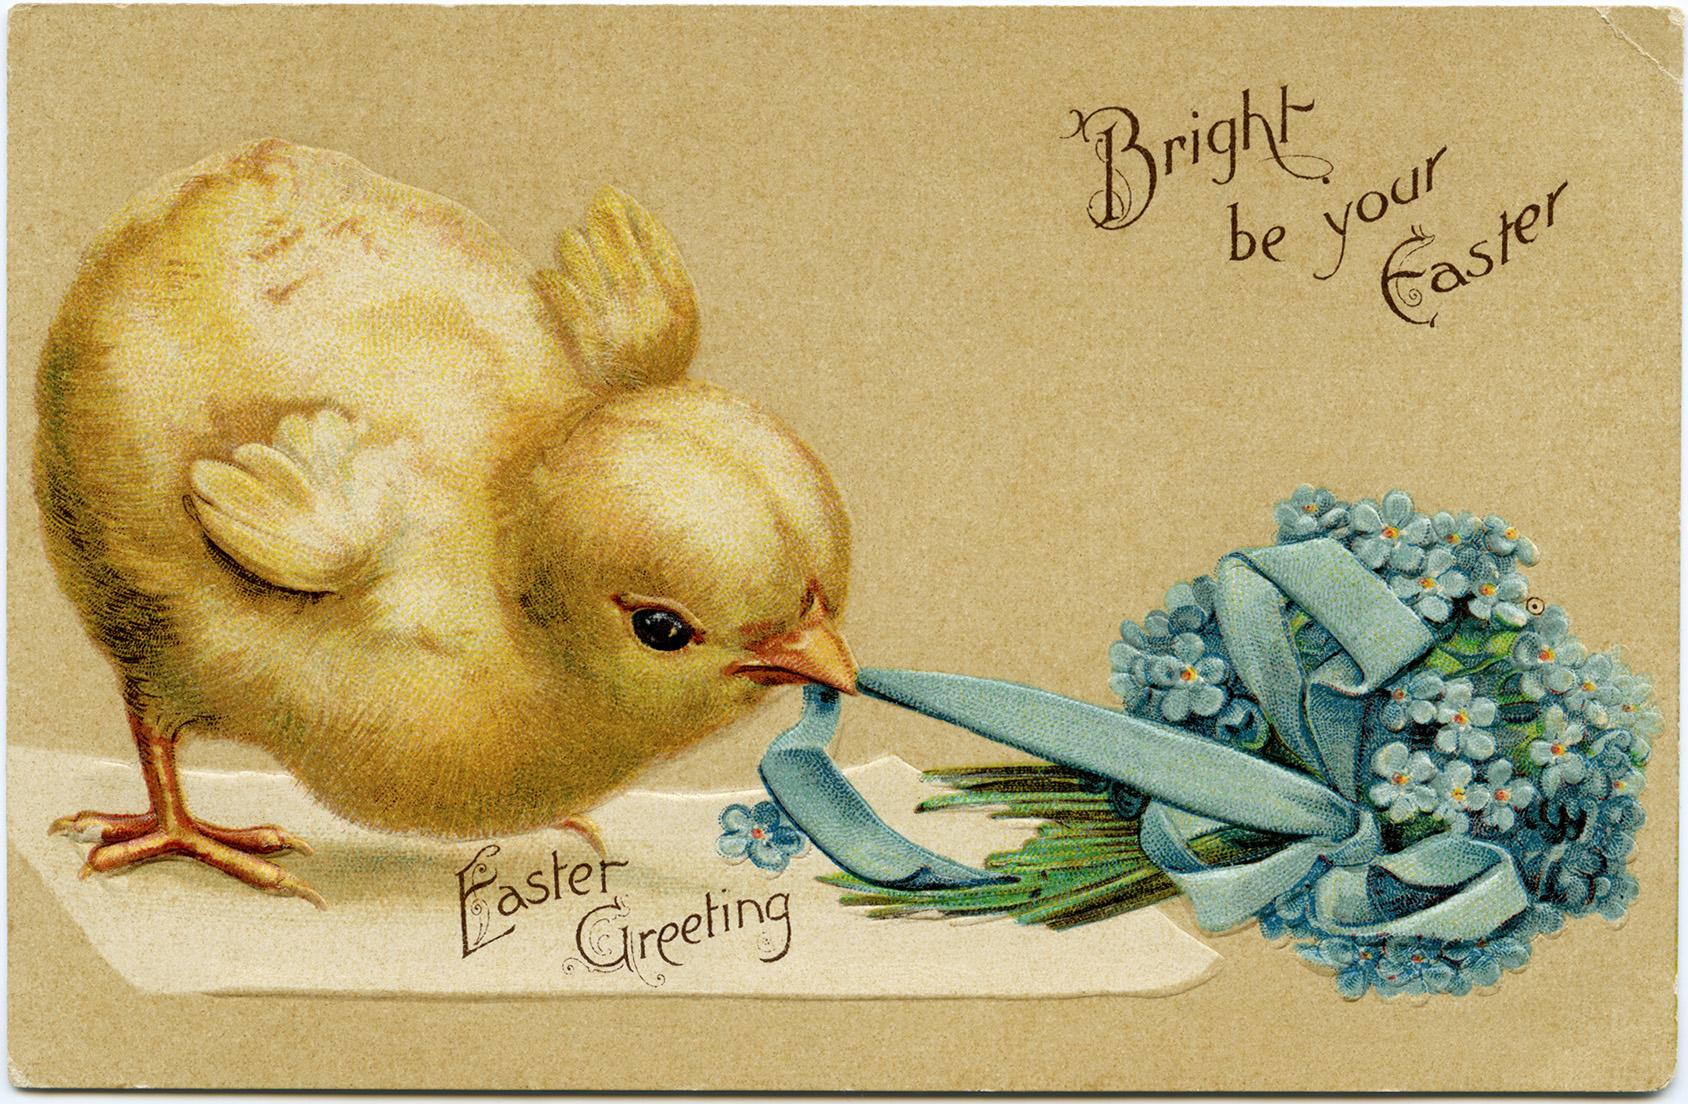 Vintage Easter Chick Postcard ~ Free Digital Image - Old Design Shop - Free Printable Vintage Easter Images